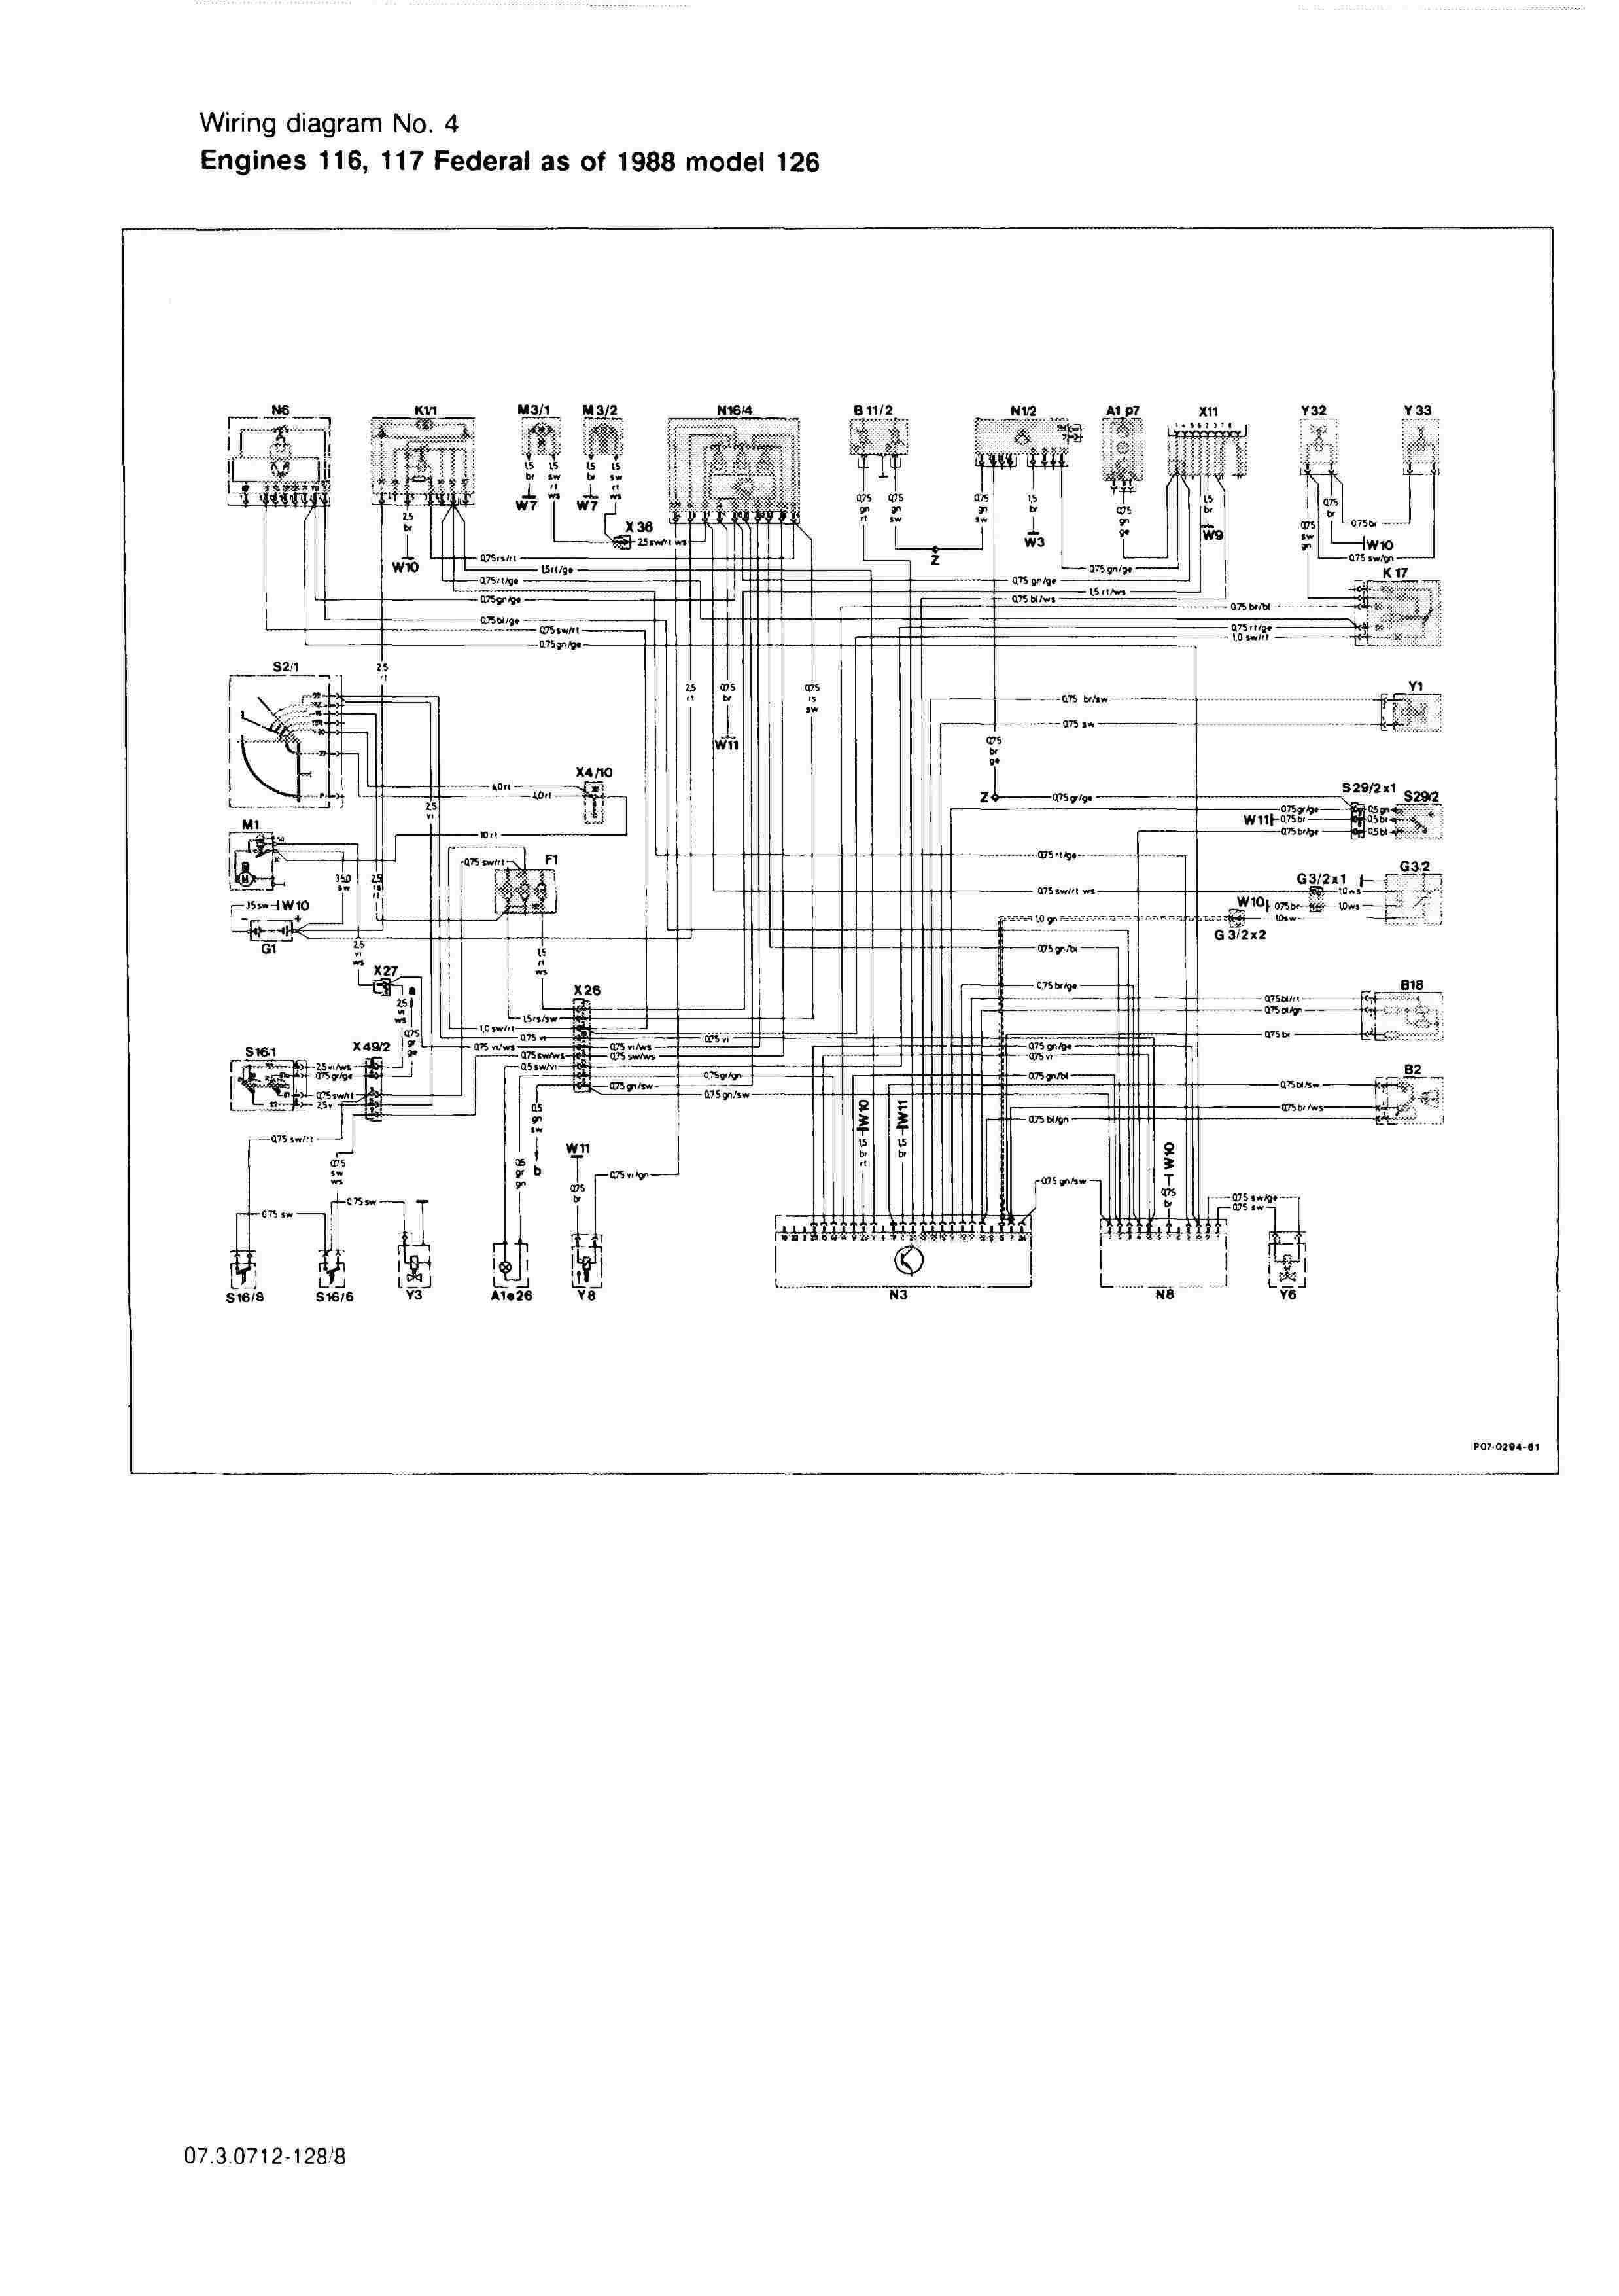 (W126): Diversos diagramas elétricos 000813